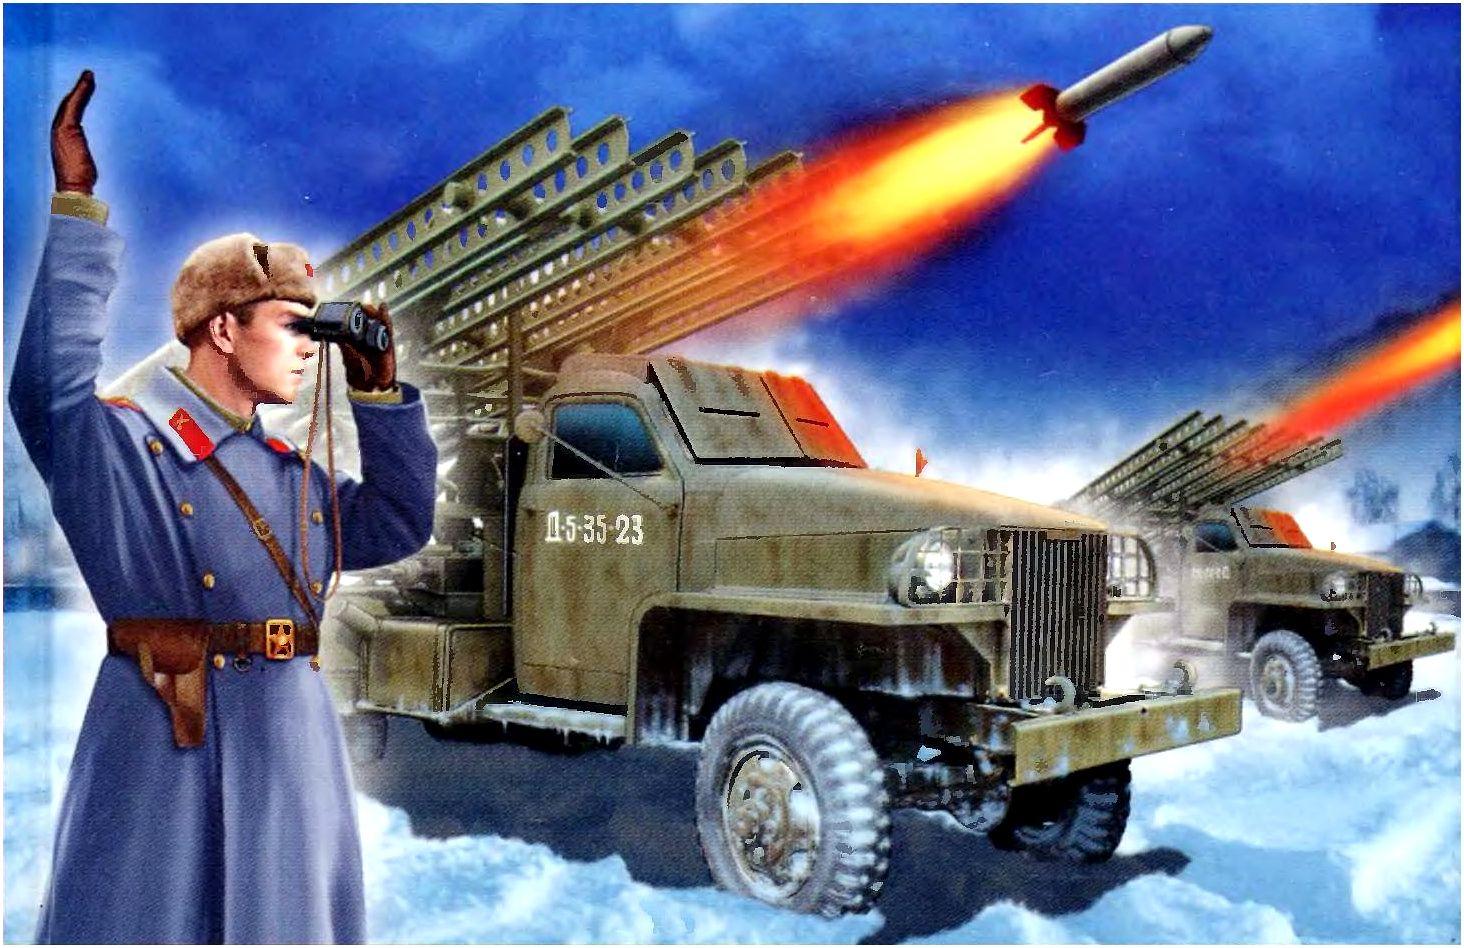 Петелин Валерий. Пусковая установка БМ-13 (Катюша).